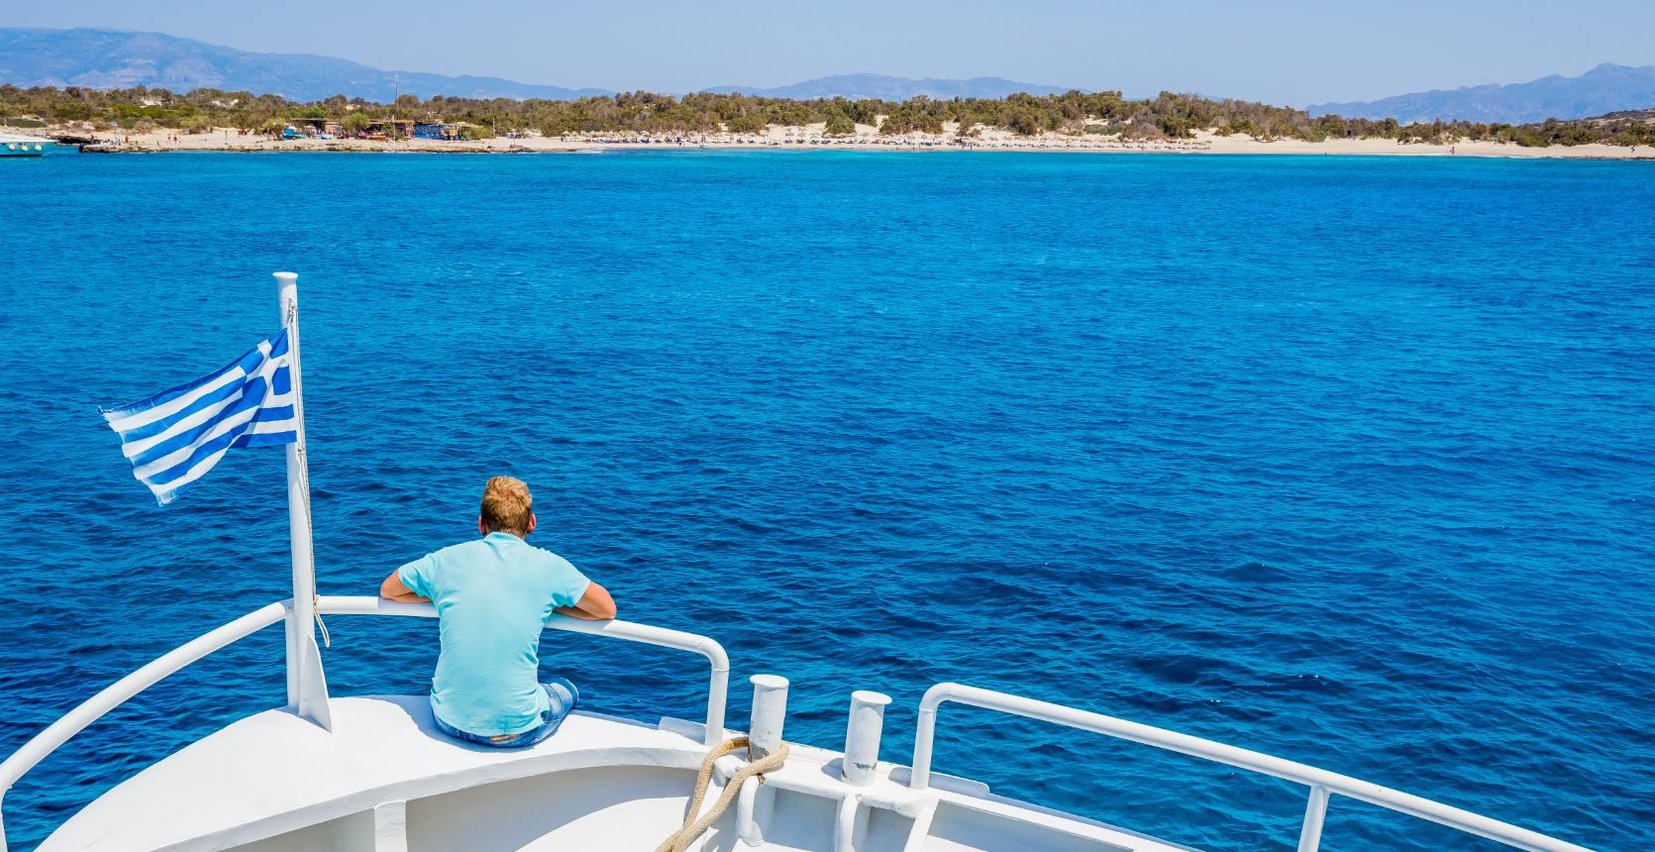 Ένας άνθρωπος βλέποντας τη θάλασσα από τη πρύμνη μιας βάρκας στη θάλασσα